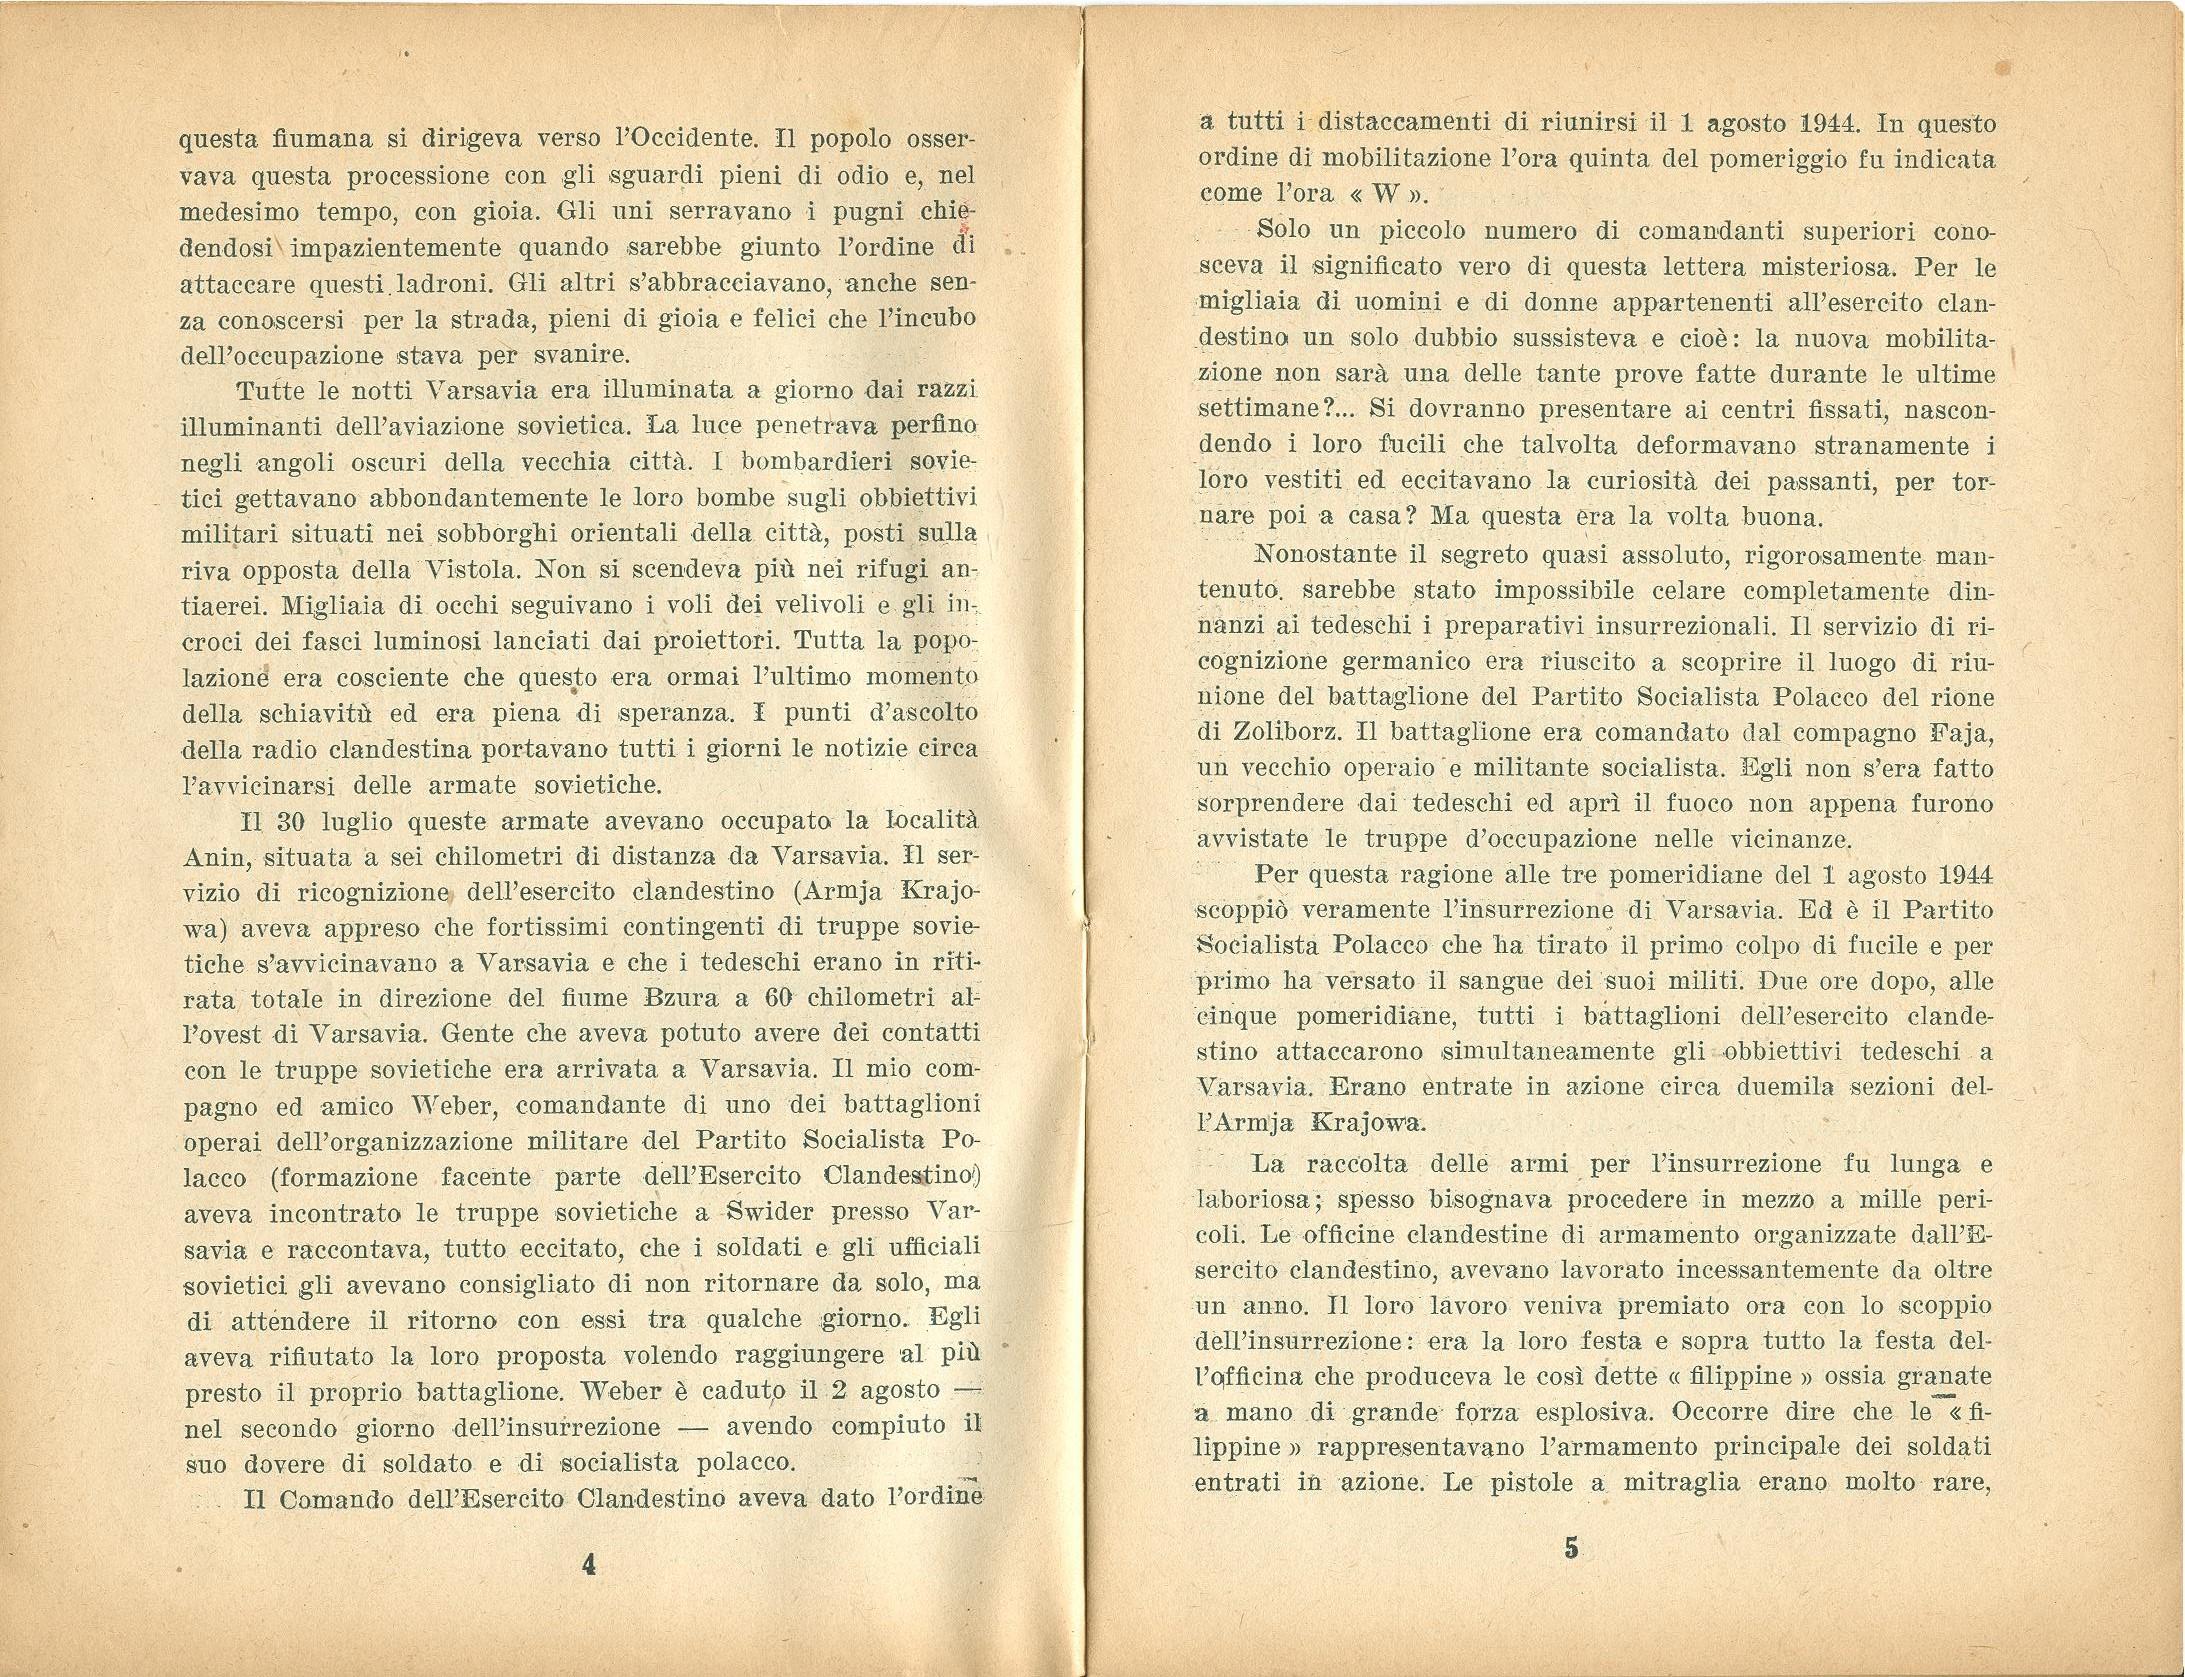 Zygmunt Zaremba, La verità sull'insurrezione di Varsavia nel 1944 (1946) - pag. 4